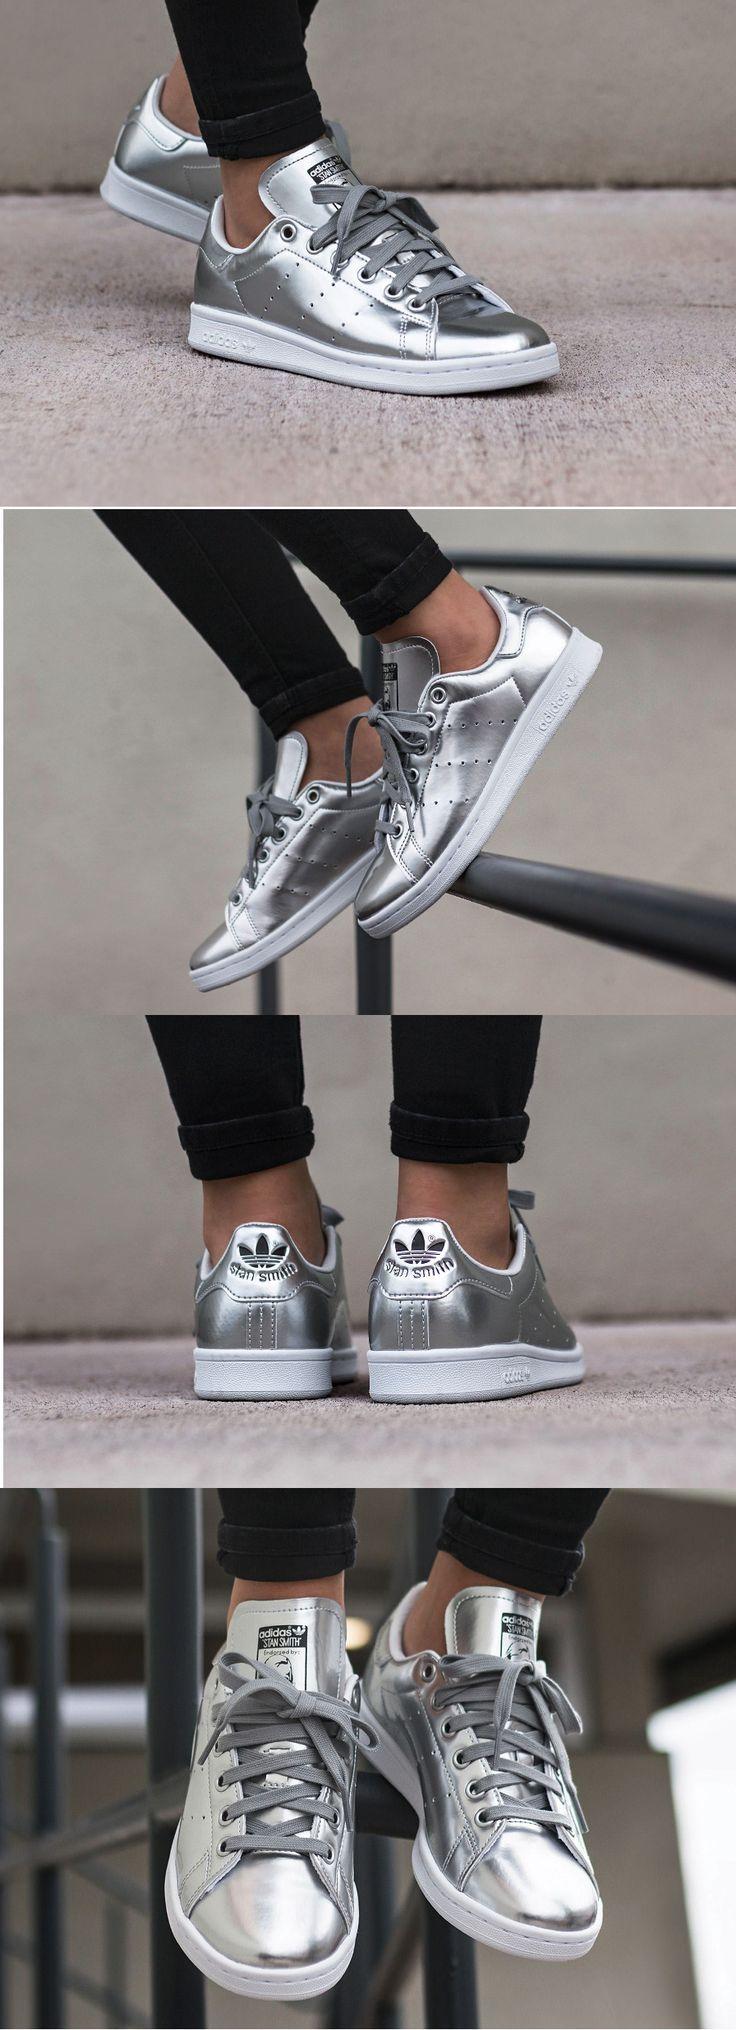 adidas'ın efsane modeli Stan Smith'in metalik gri rengi ile şehre ayak uydur.  Link Profilde  Ürün Kodu : #CG3679 Numara Aralığı : 40/45 WhatsAppSipariş  0554 491 30 40  #adidas #adidasoriginals #stansmith #shoes #sneakers #adidasstansmith #sporayakkabı #ayakkabı #stansmithp #stansmiths #stansmithadidas #adidasstansmithp